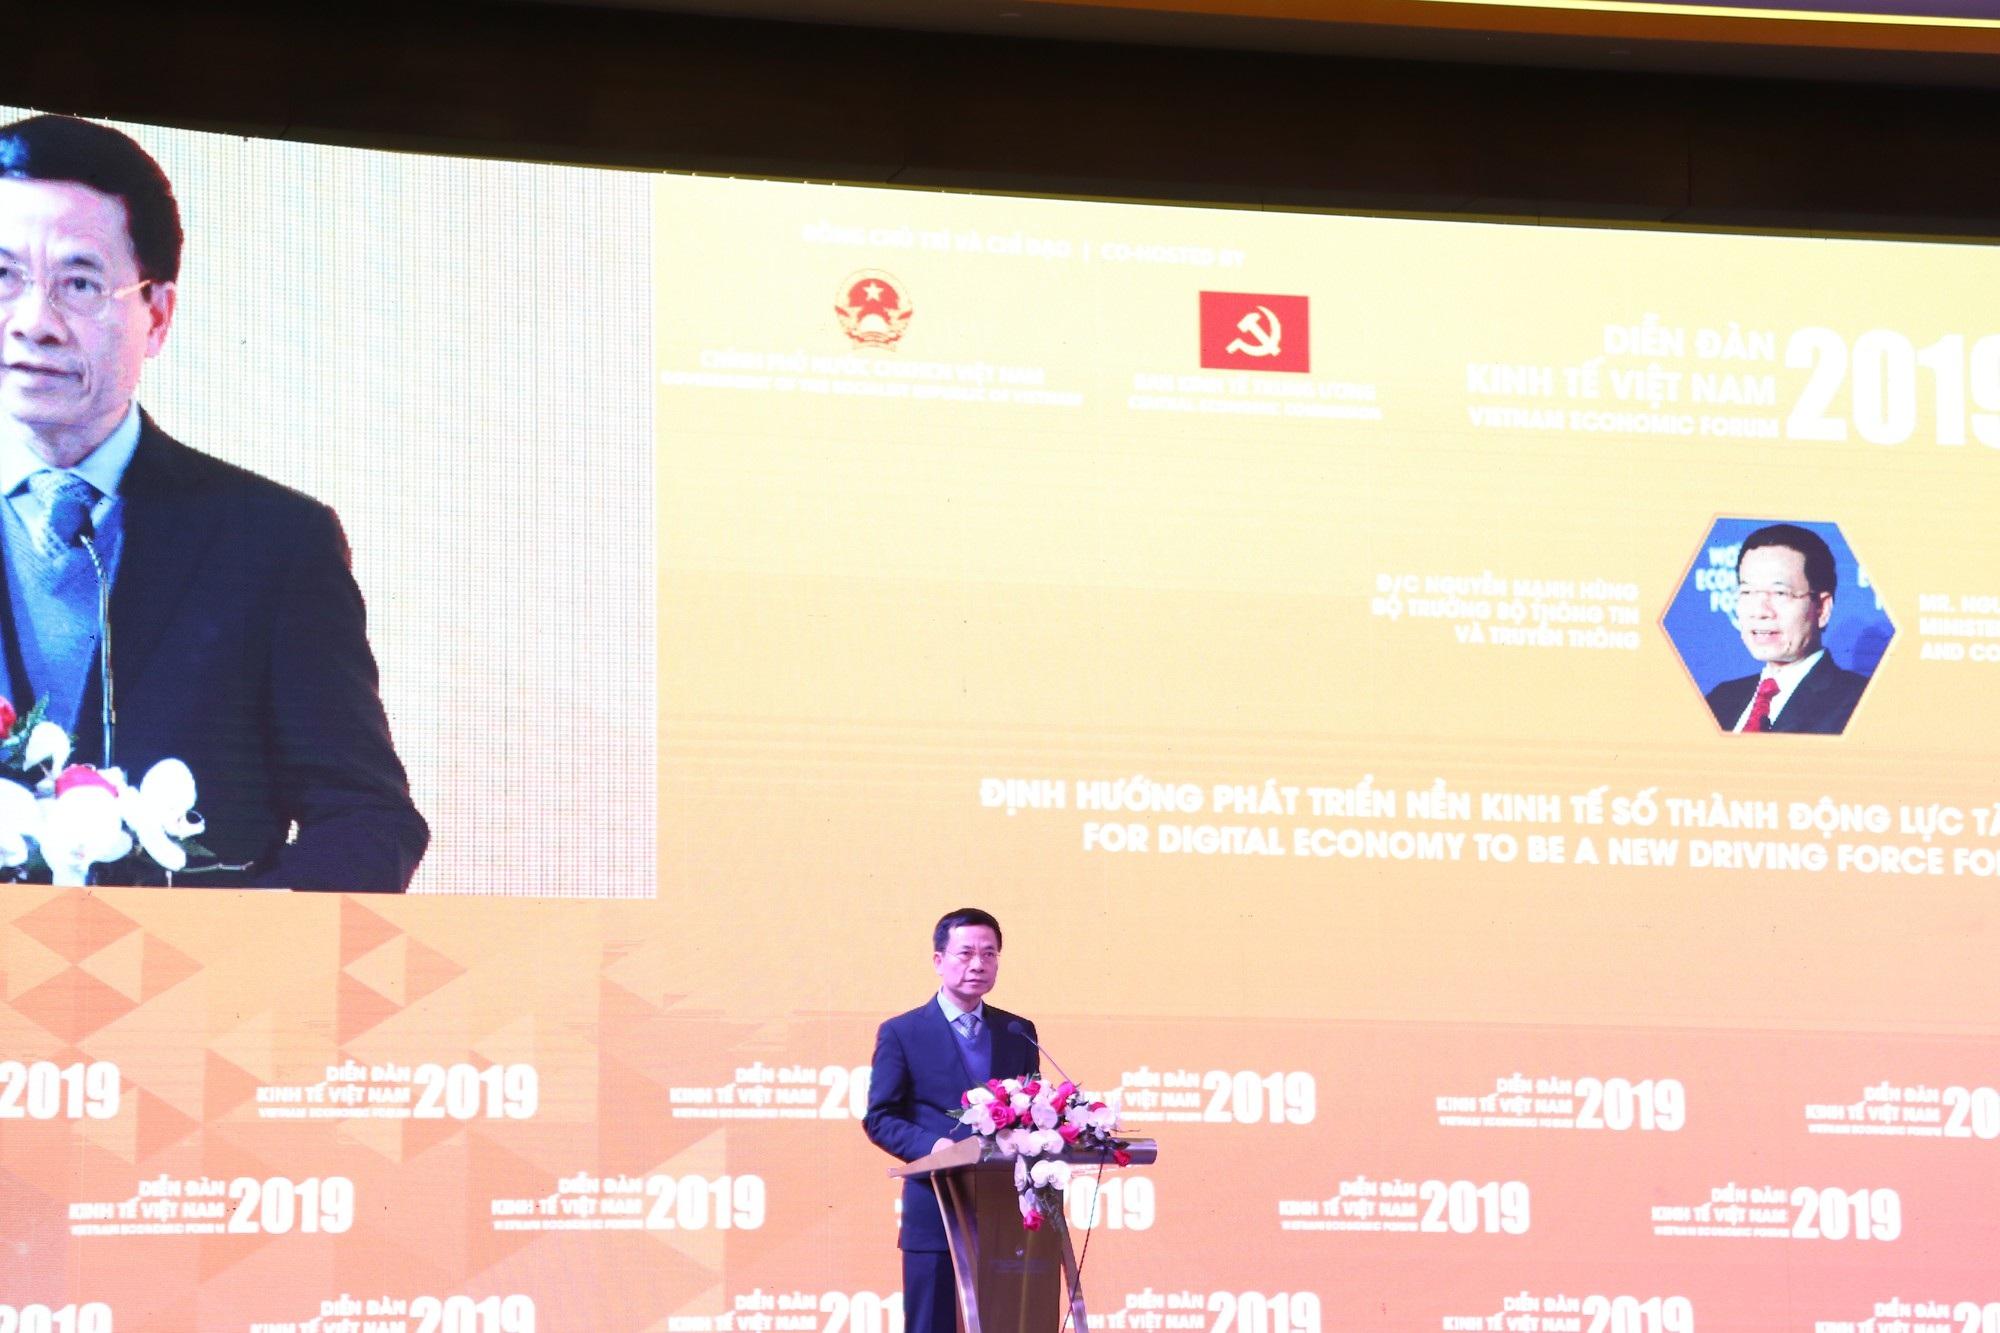 Bộ trưởng Nguyễn Mạnh Hùng: Chấp nhận cái mới, người tài toàn cầu sẽ về Việt Nam - Ảnh 1.